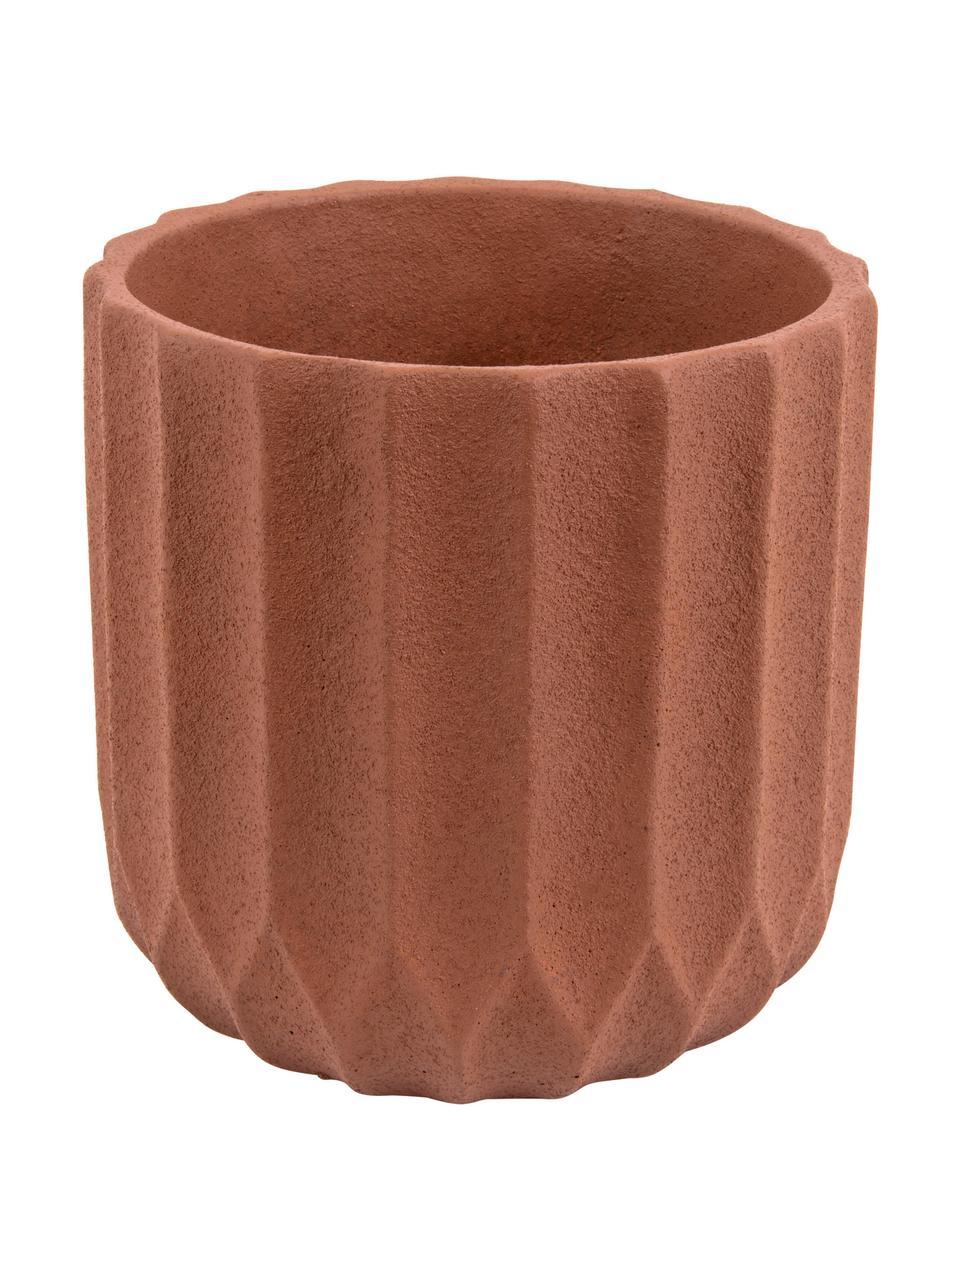 Portavaso in ceramica Stripes, Ceramica, Marrone, Ø 18 x Alt. 18 cm